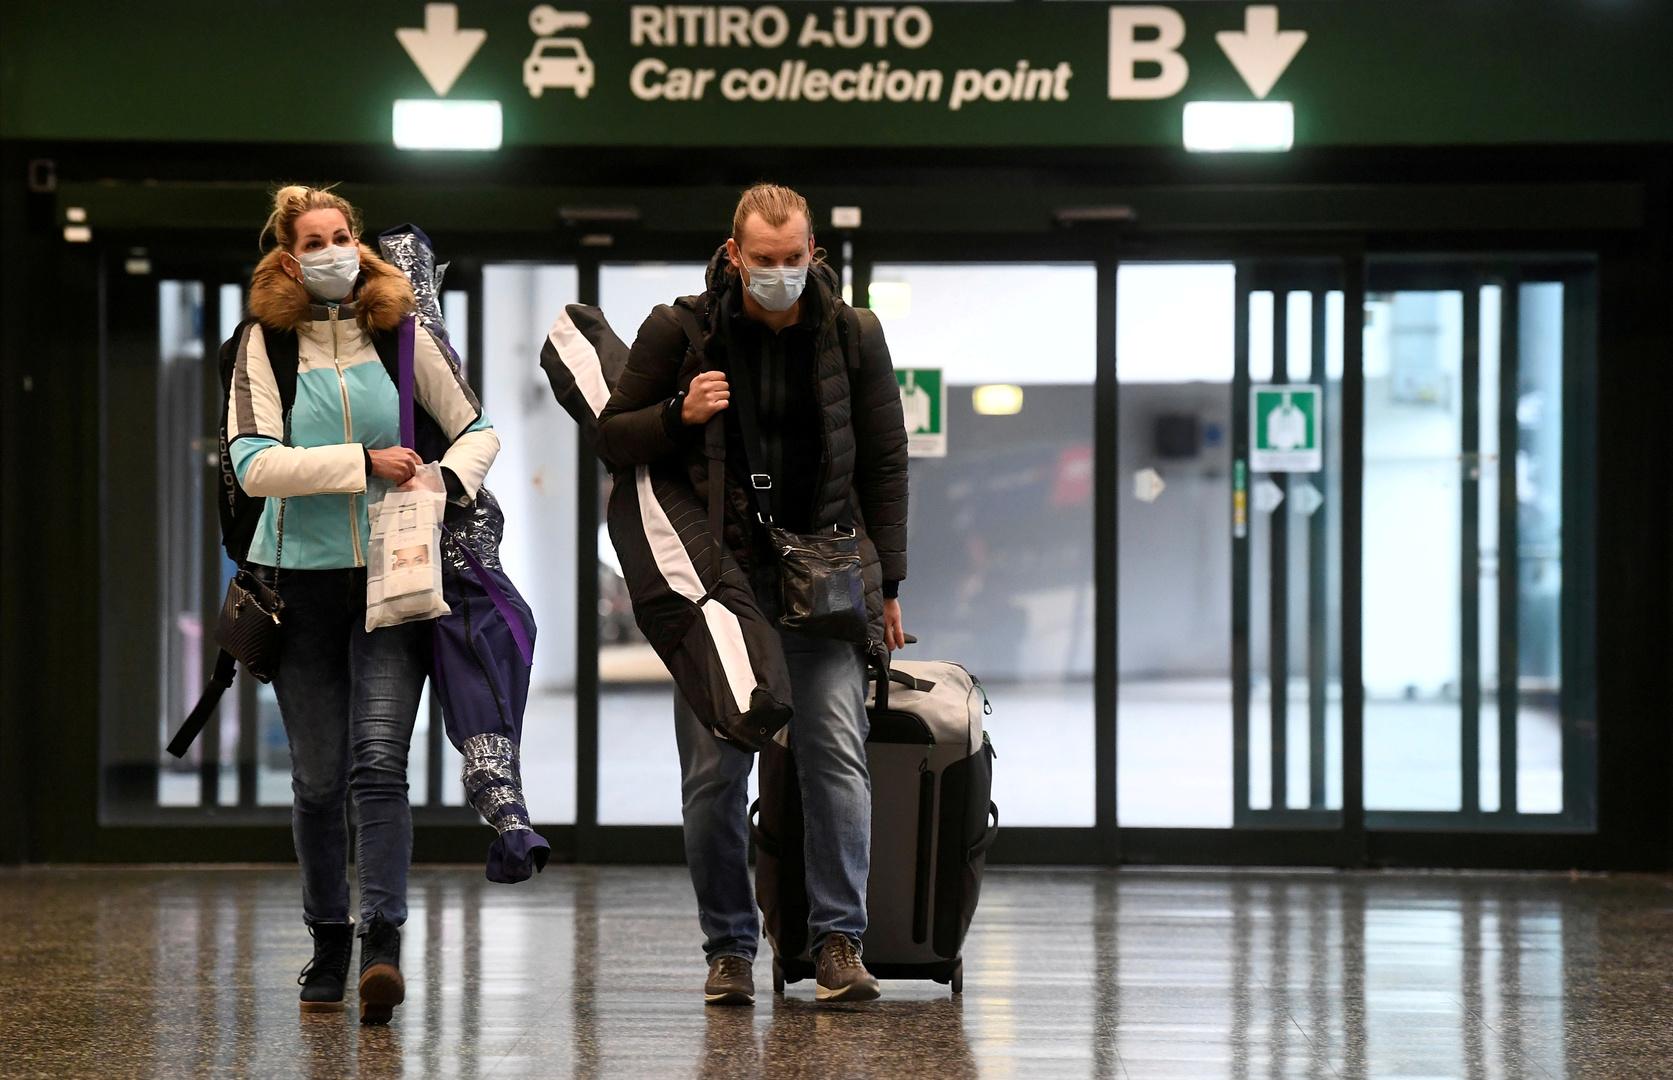 Menschen mit Schutzmasken gehen auf dem Flughafen Malpensa bei Mailand